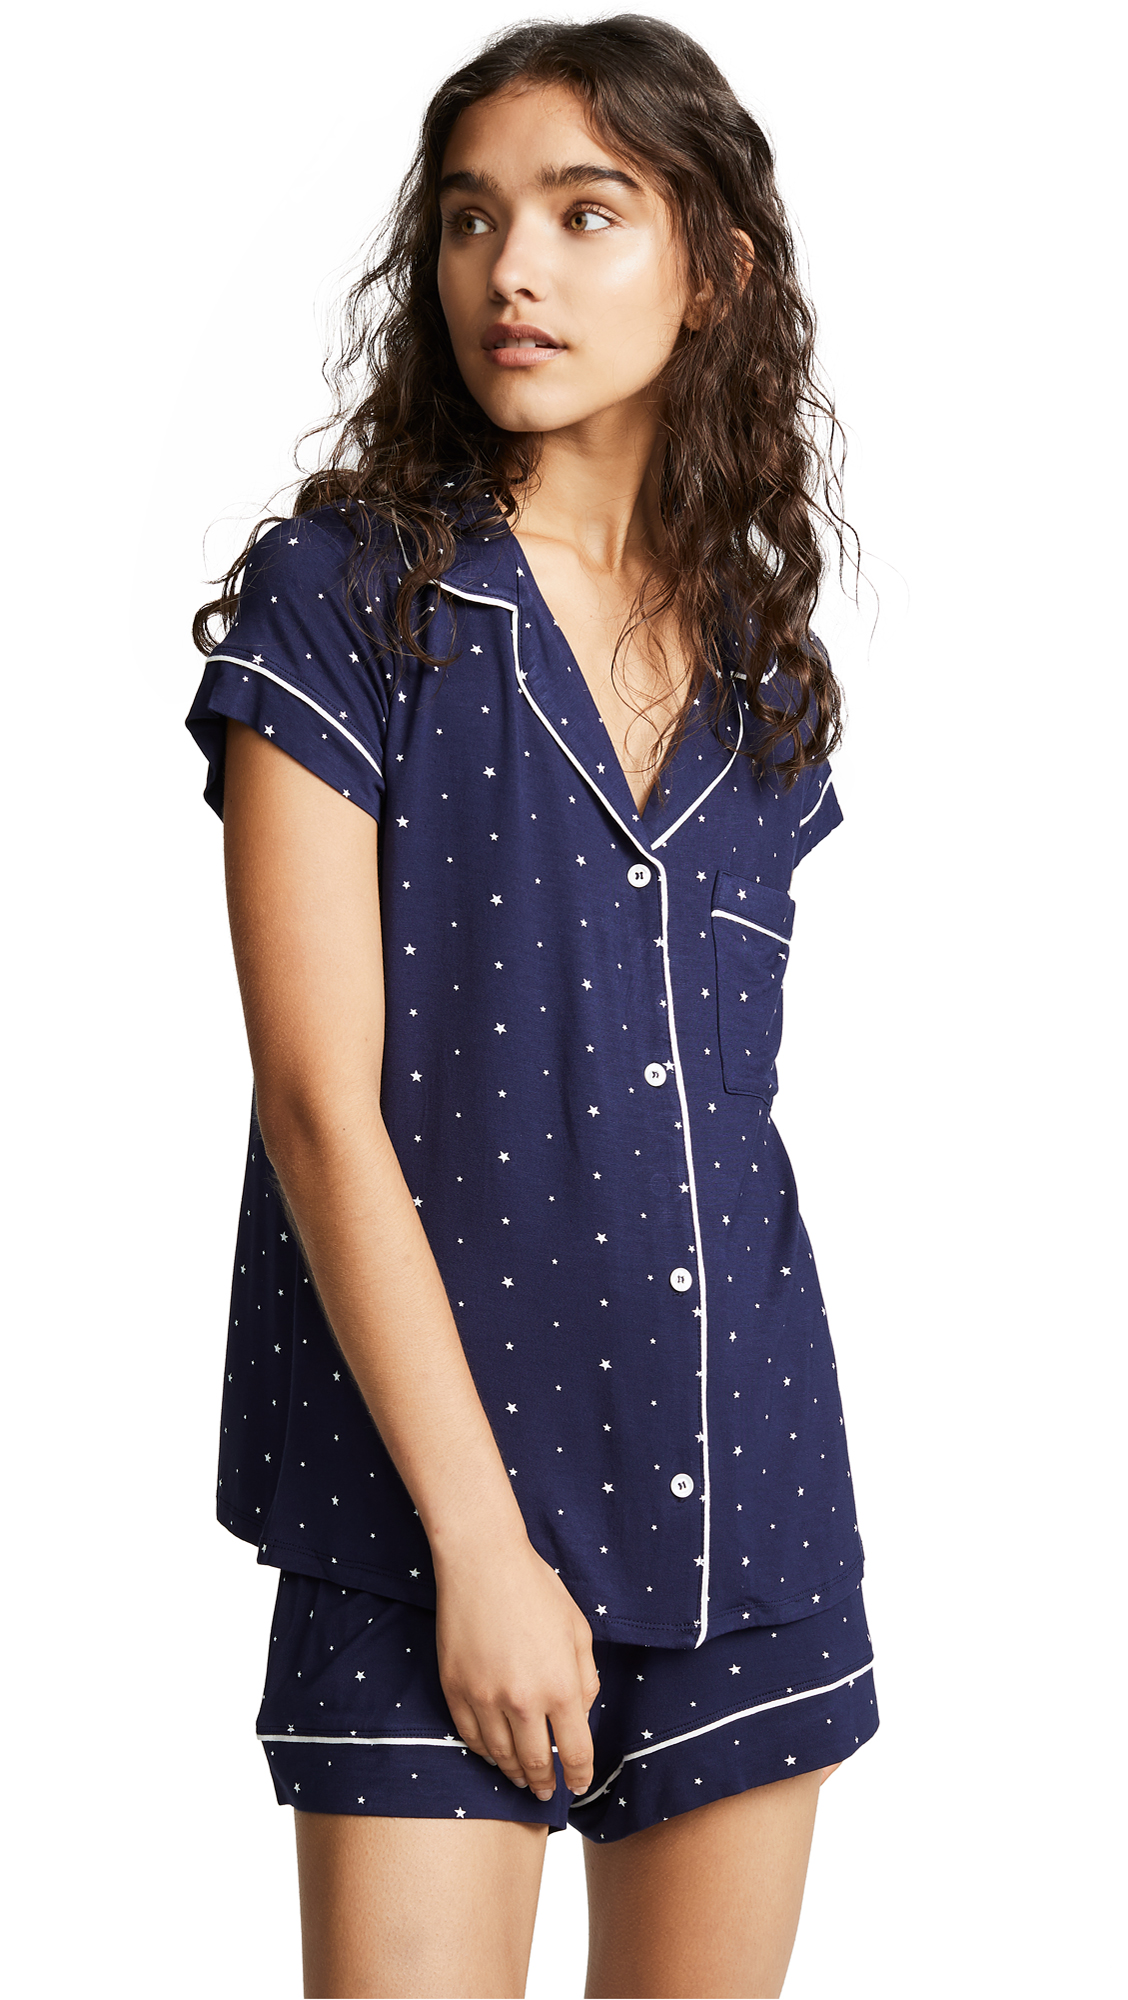 Sleep Chic Short Pajamas in Northern Stars/Ivory